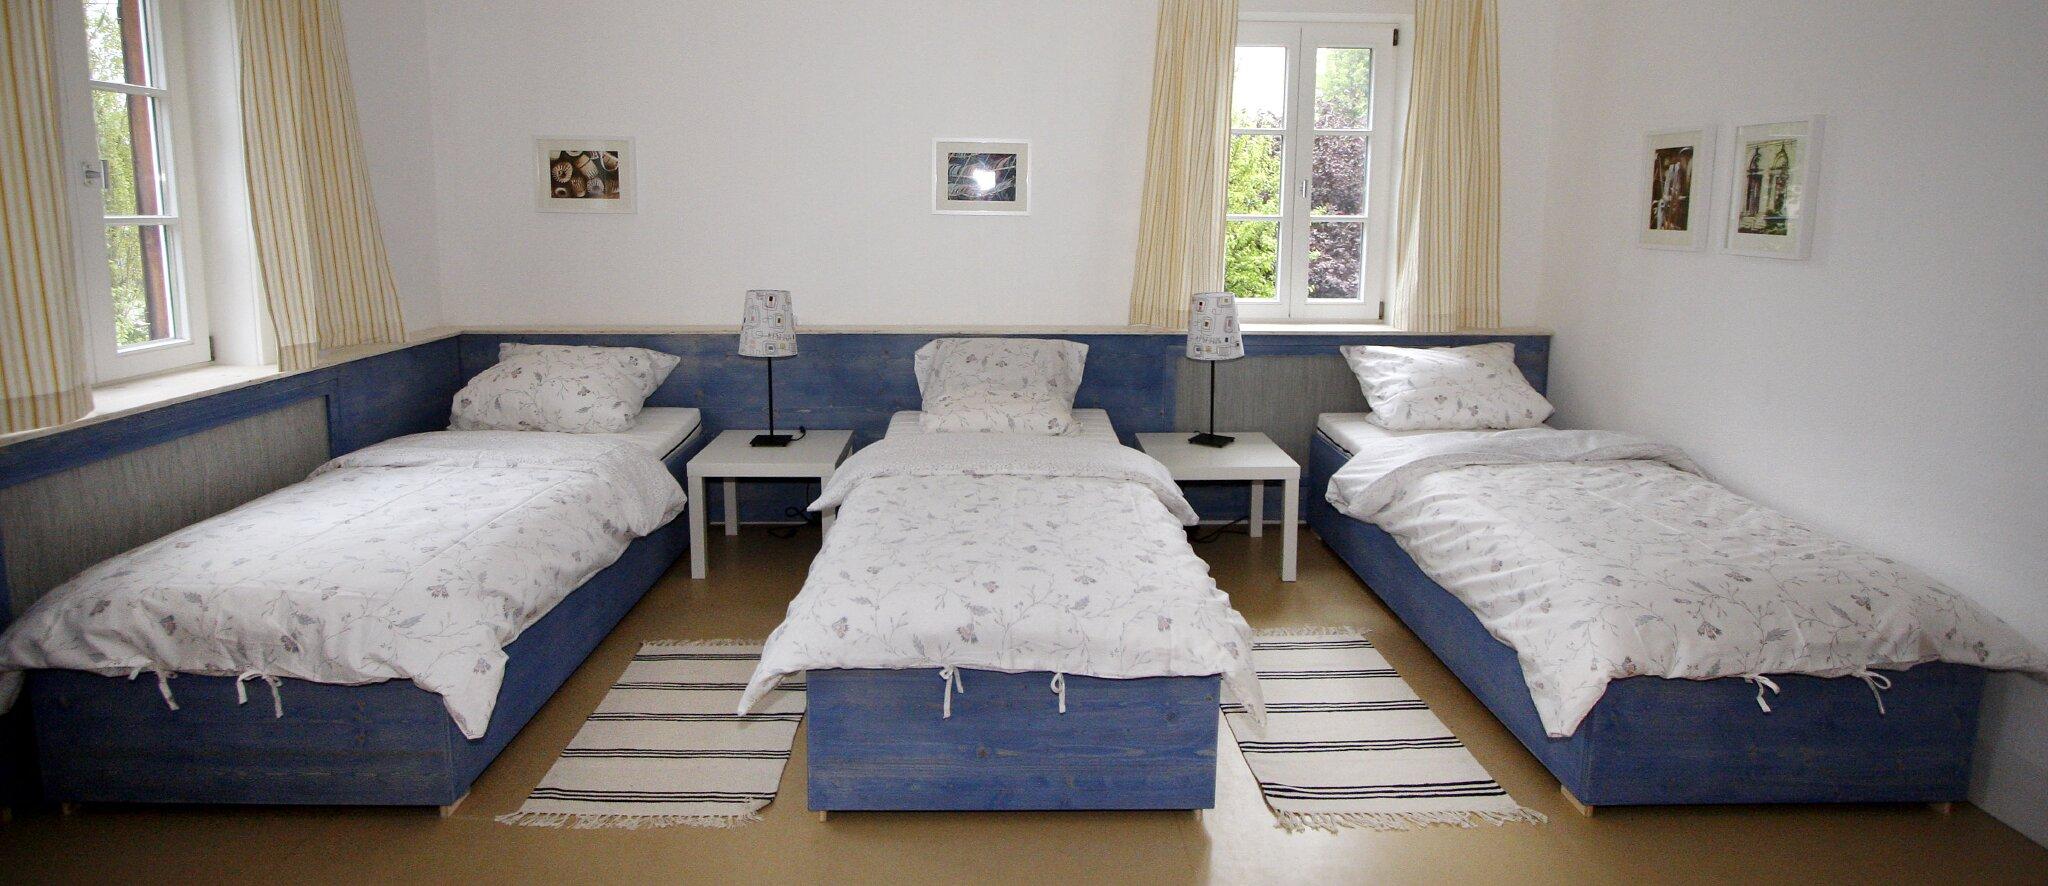 Wintergarten mit Doppelbett